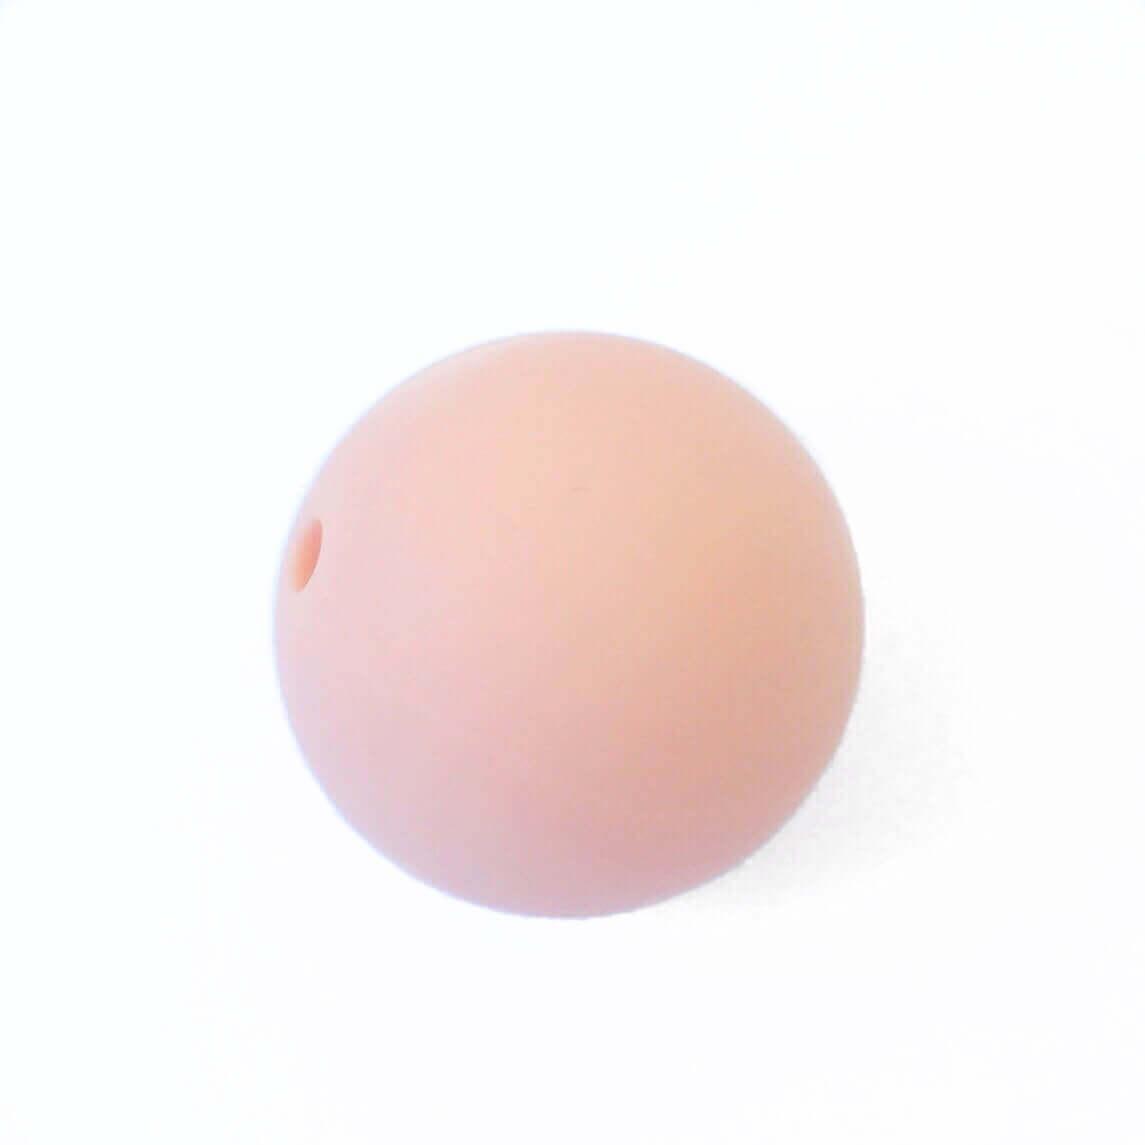 Бусина 19 мм (персик) круглая силиконовая